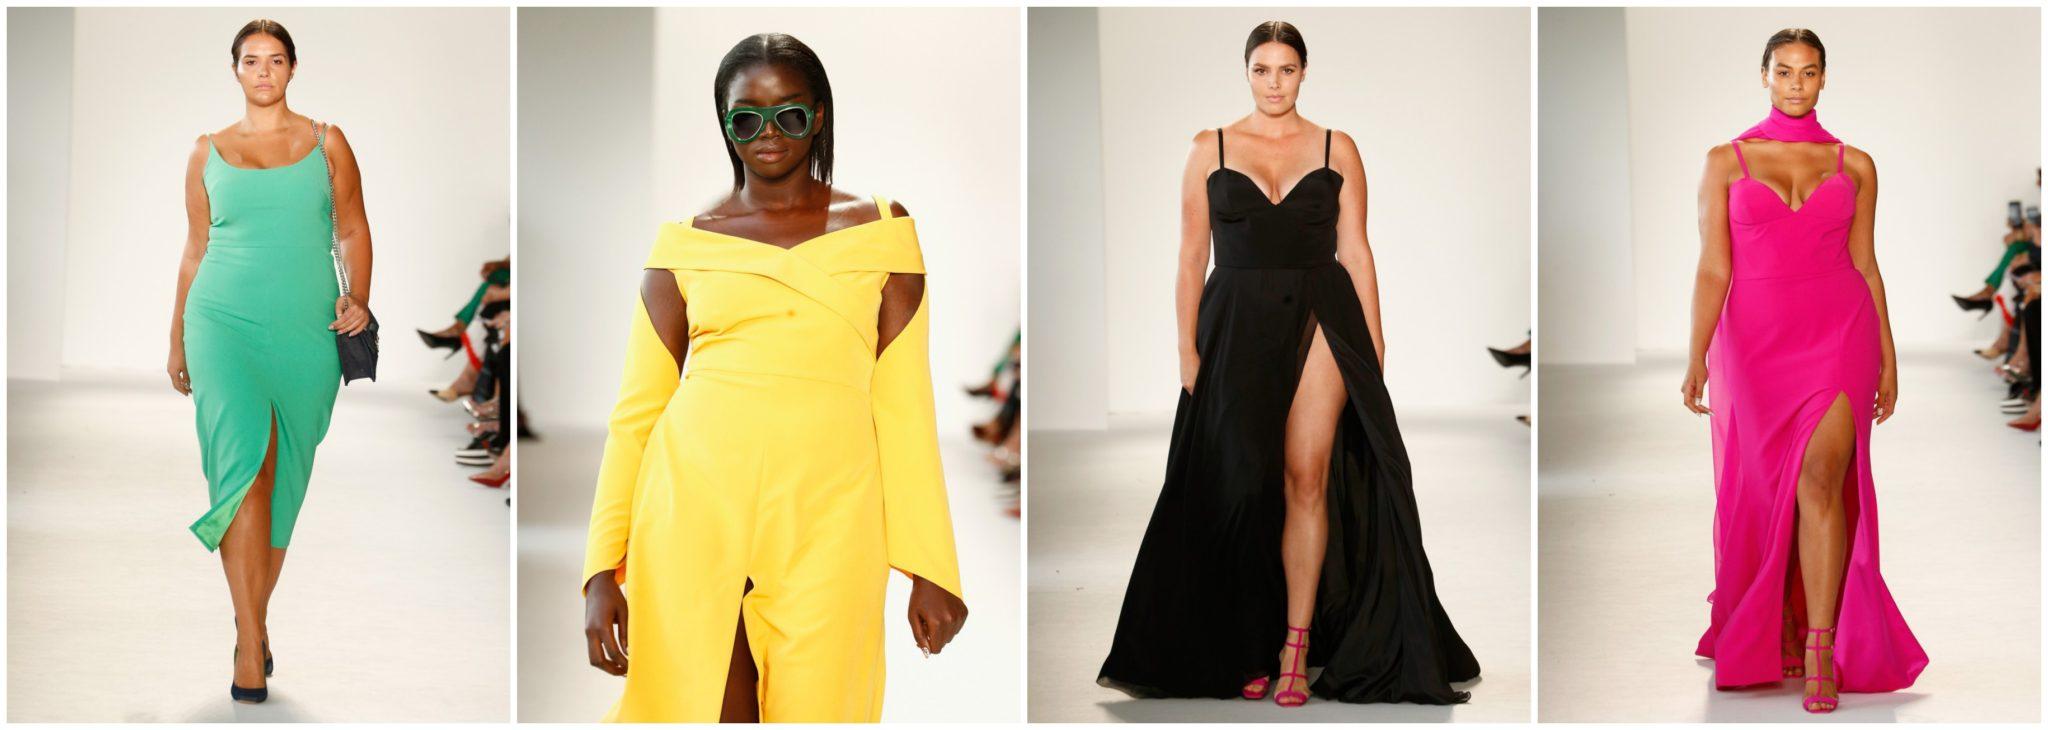 Modelos Plus size estão revolucionando passarelas